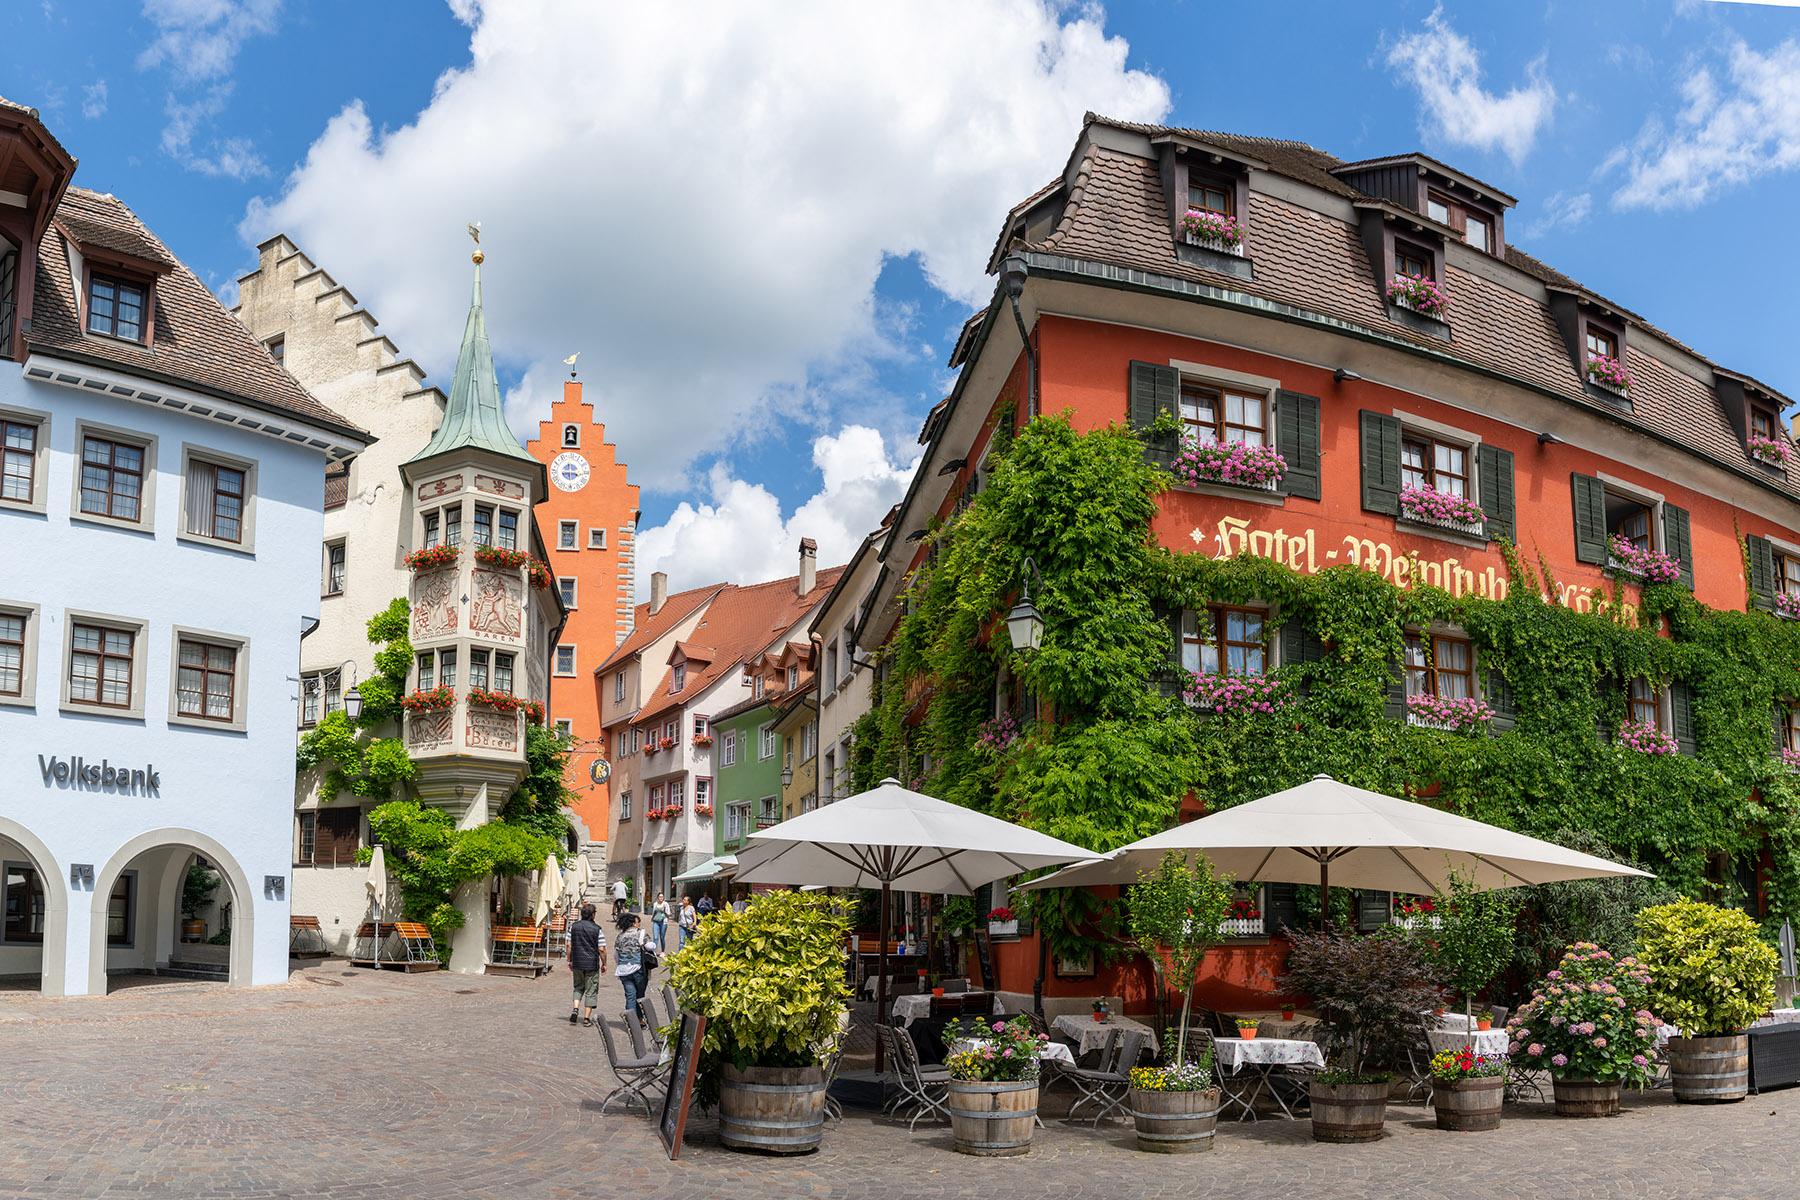 The old town of Meersburg